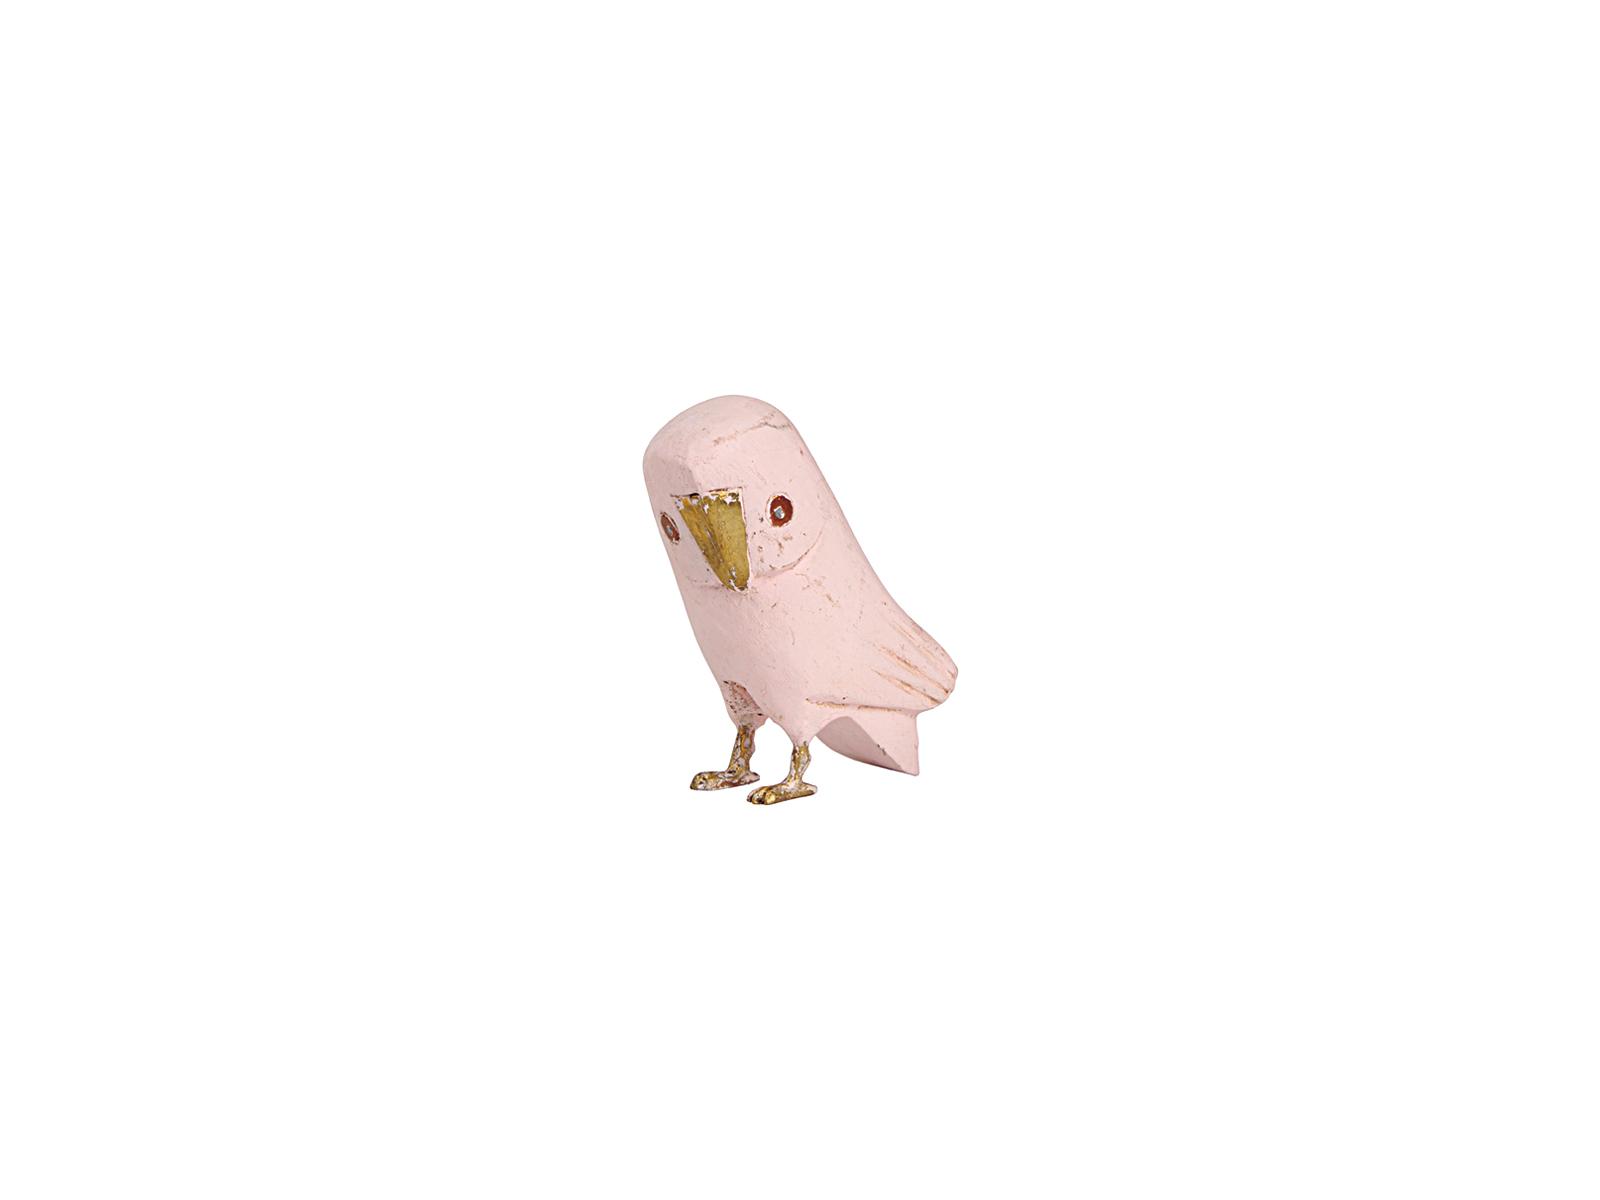 フクロウ(ピンク大)